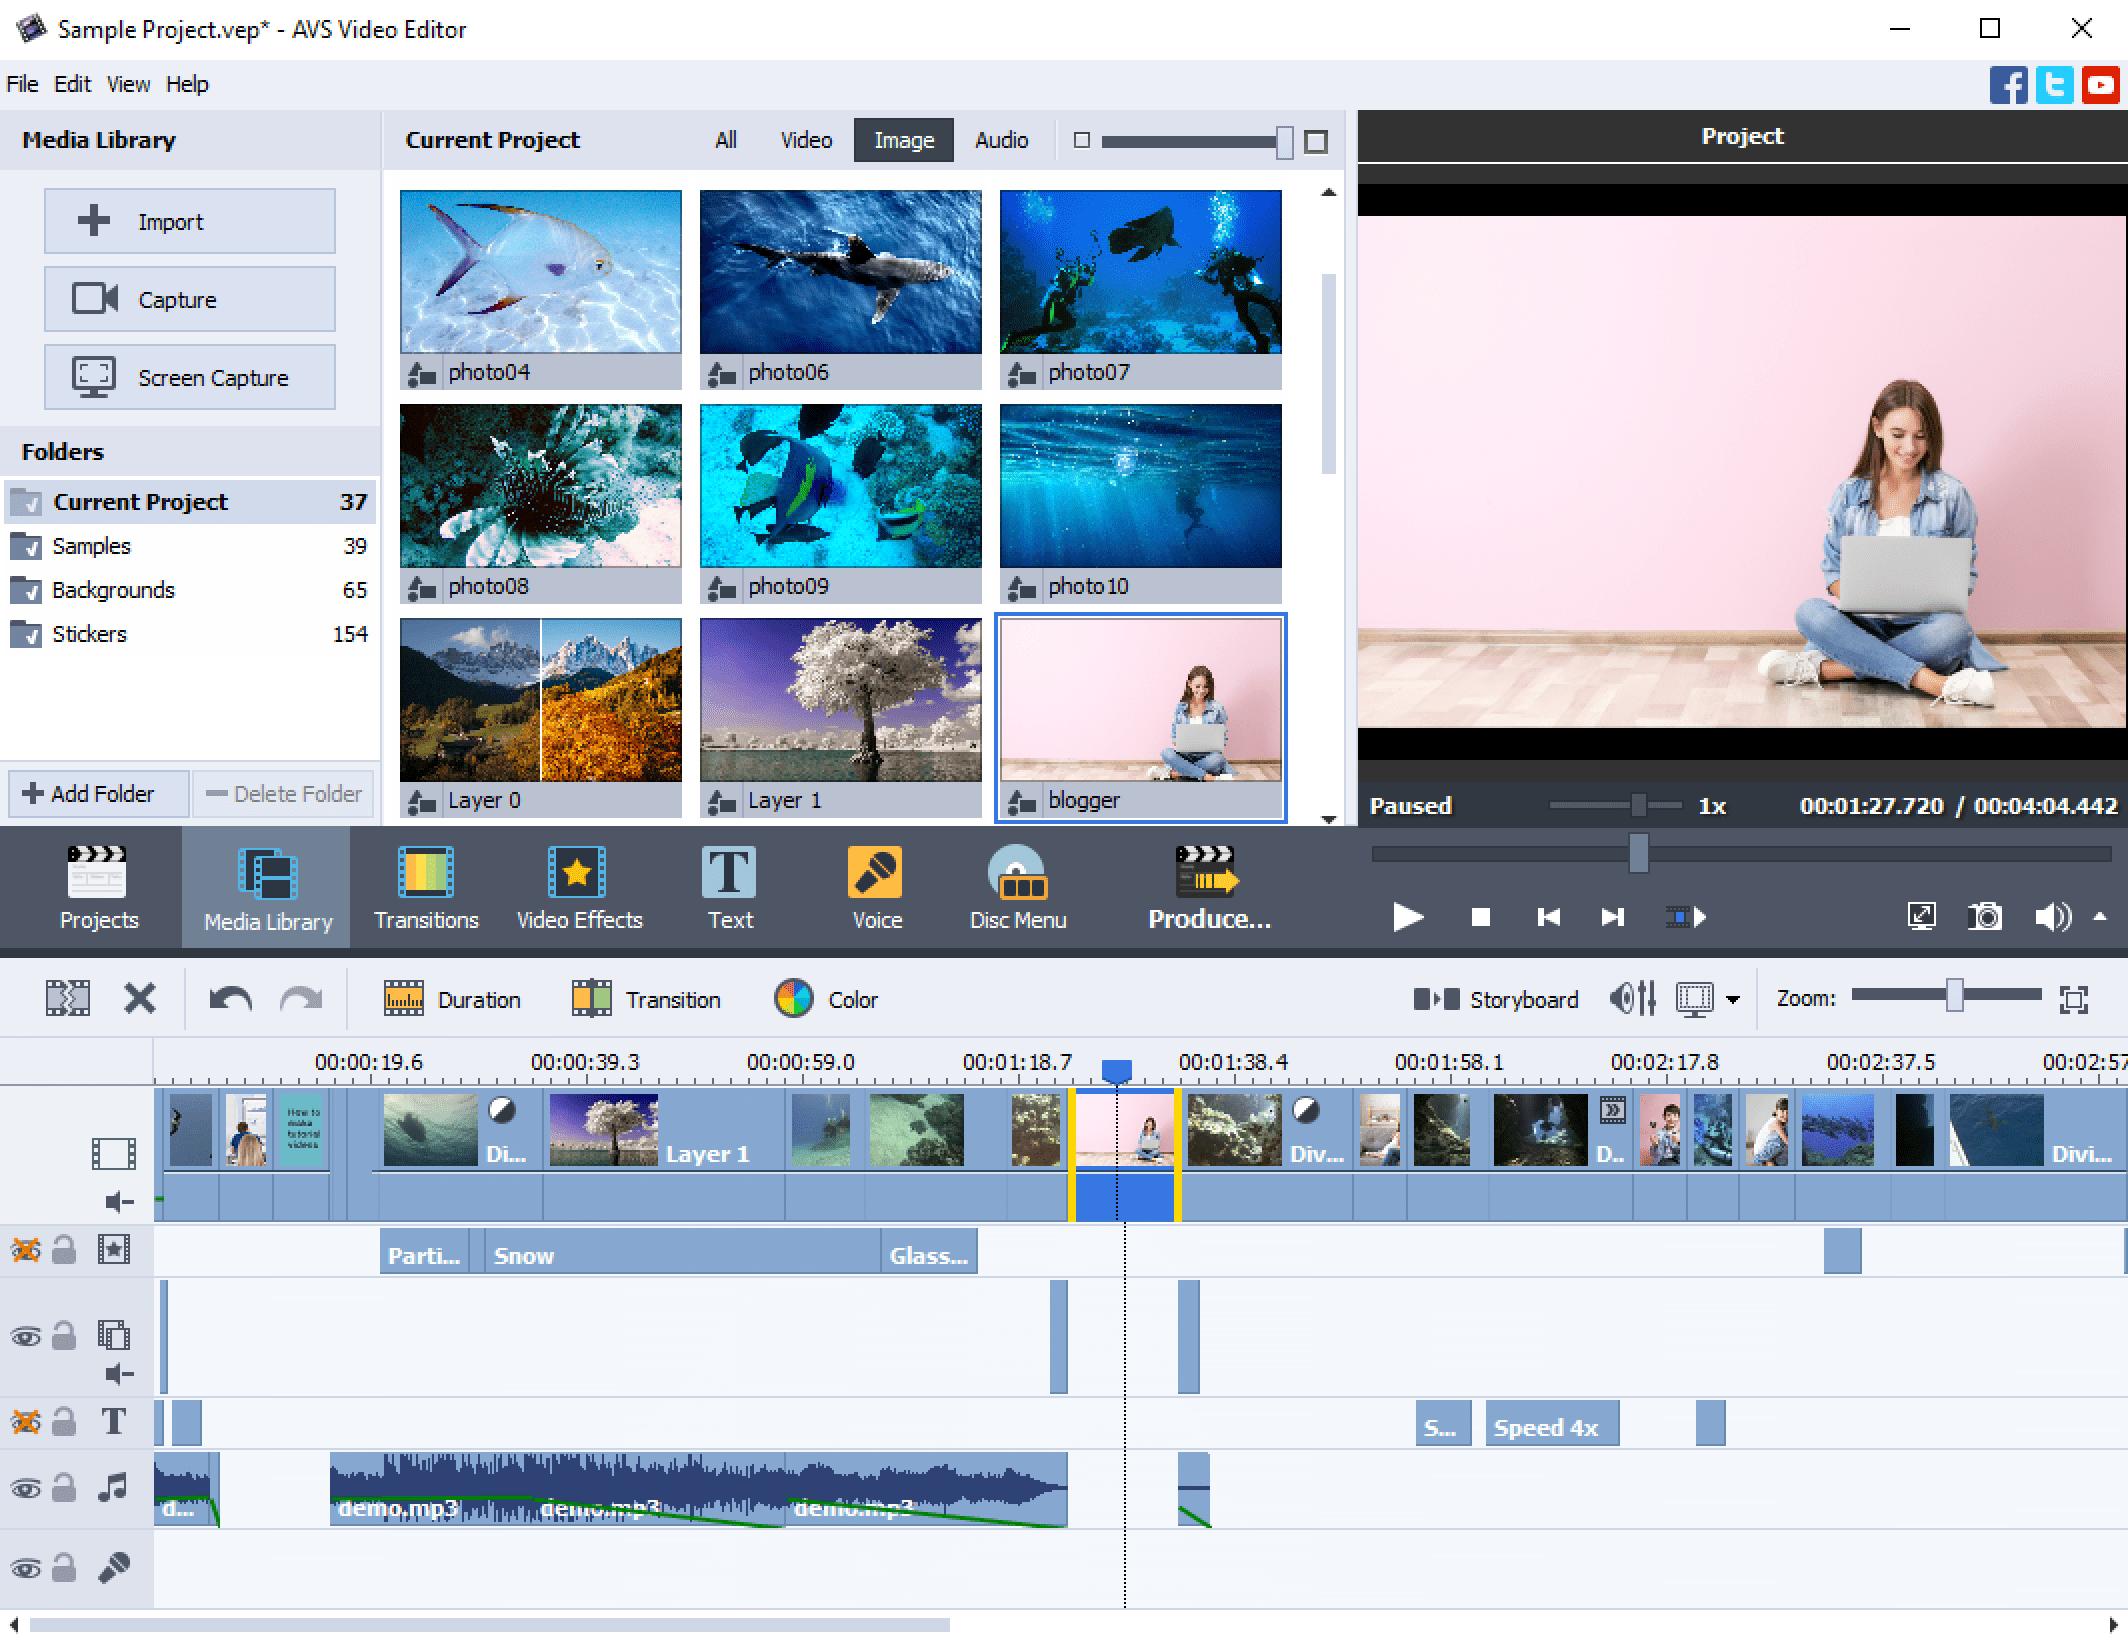 AVS Video Editor Logiciel - 1